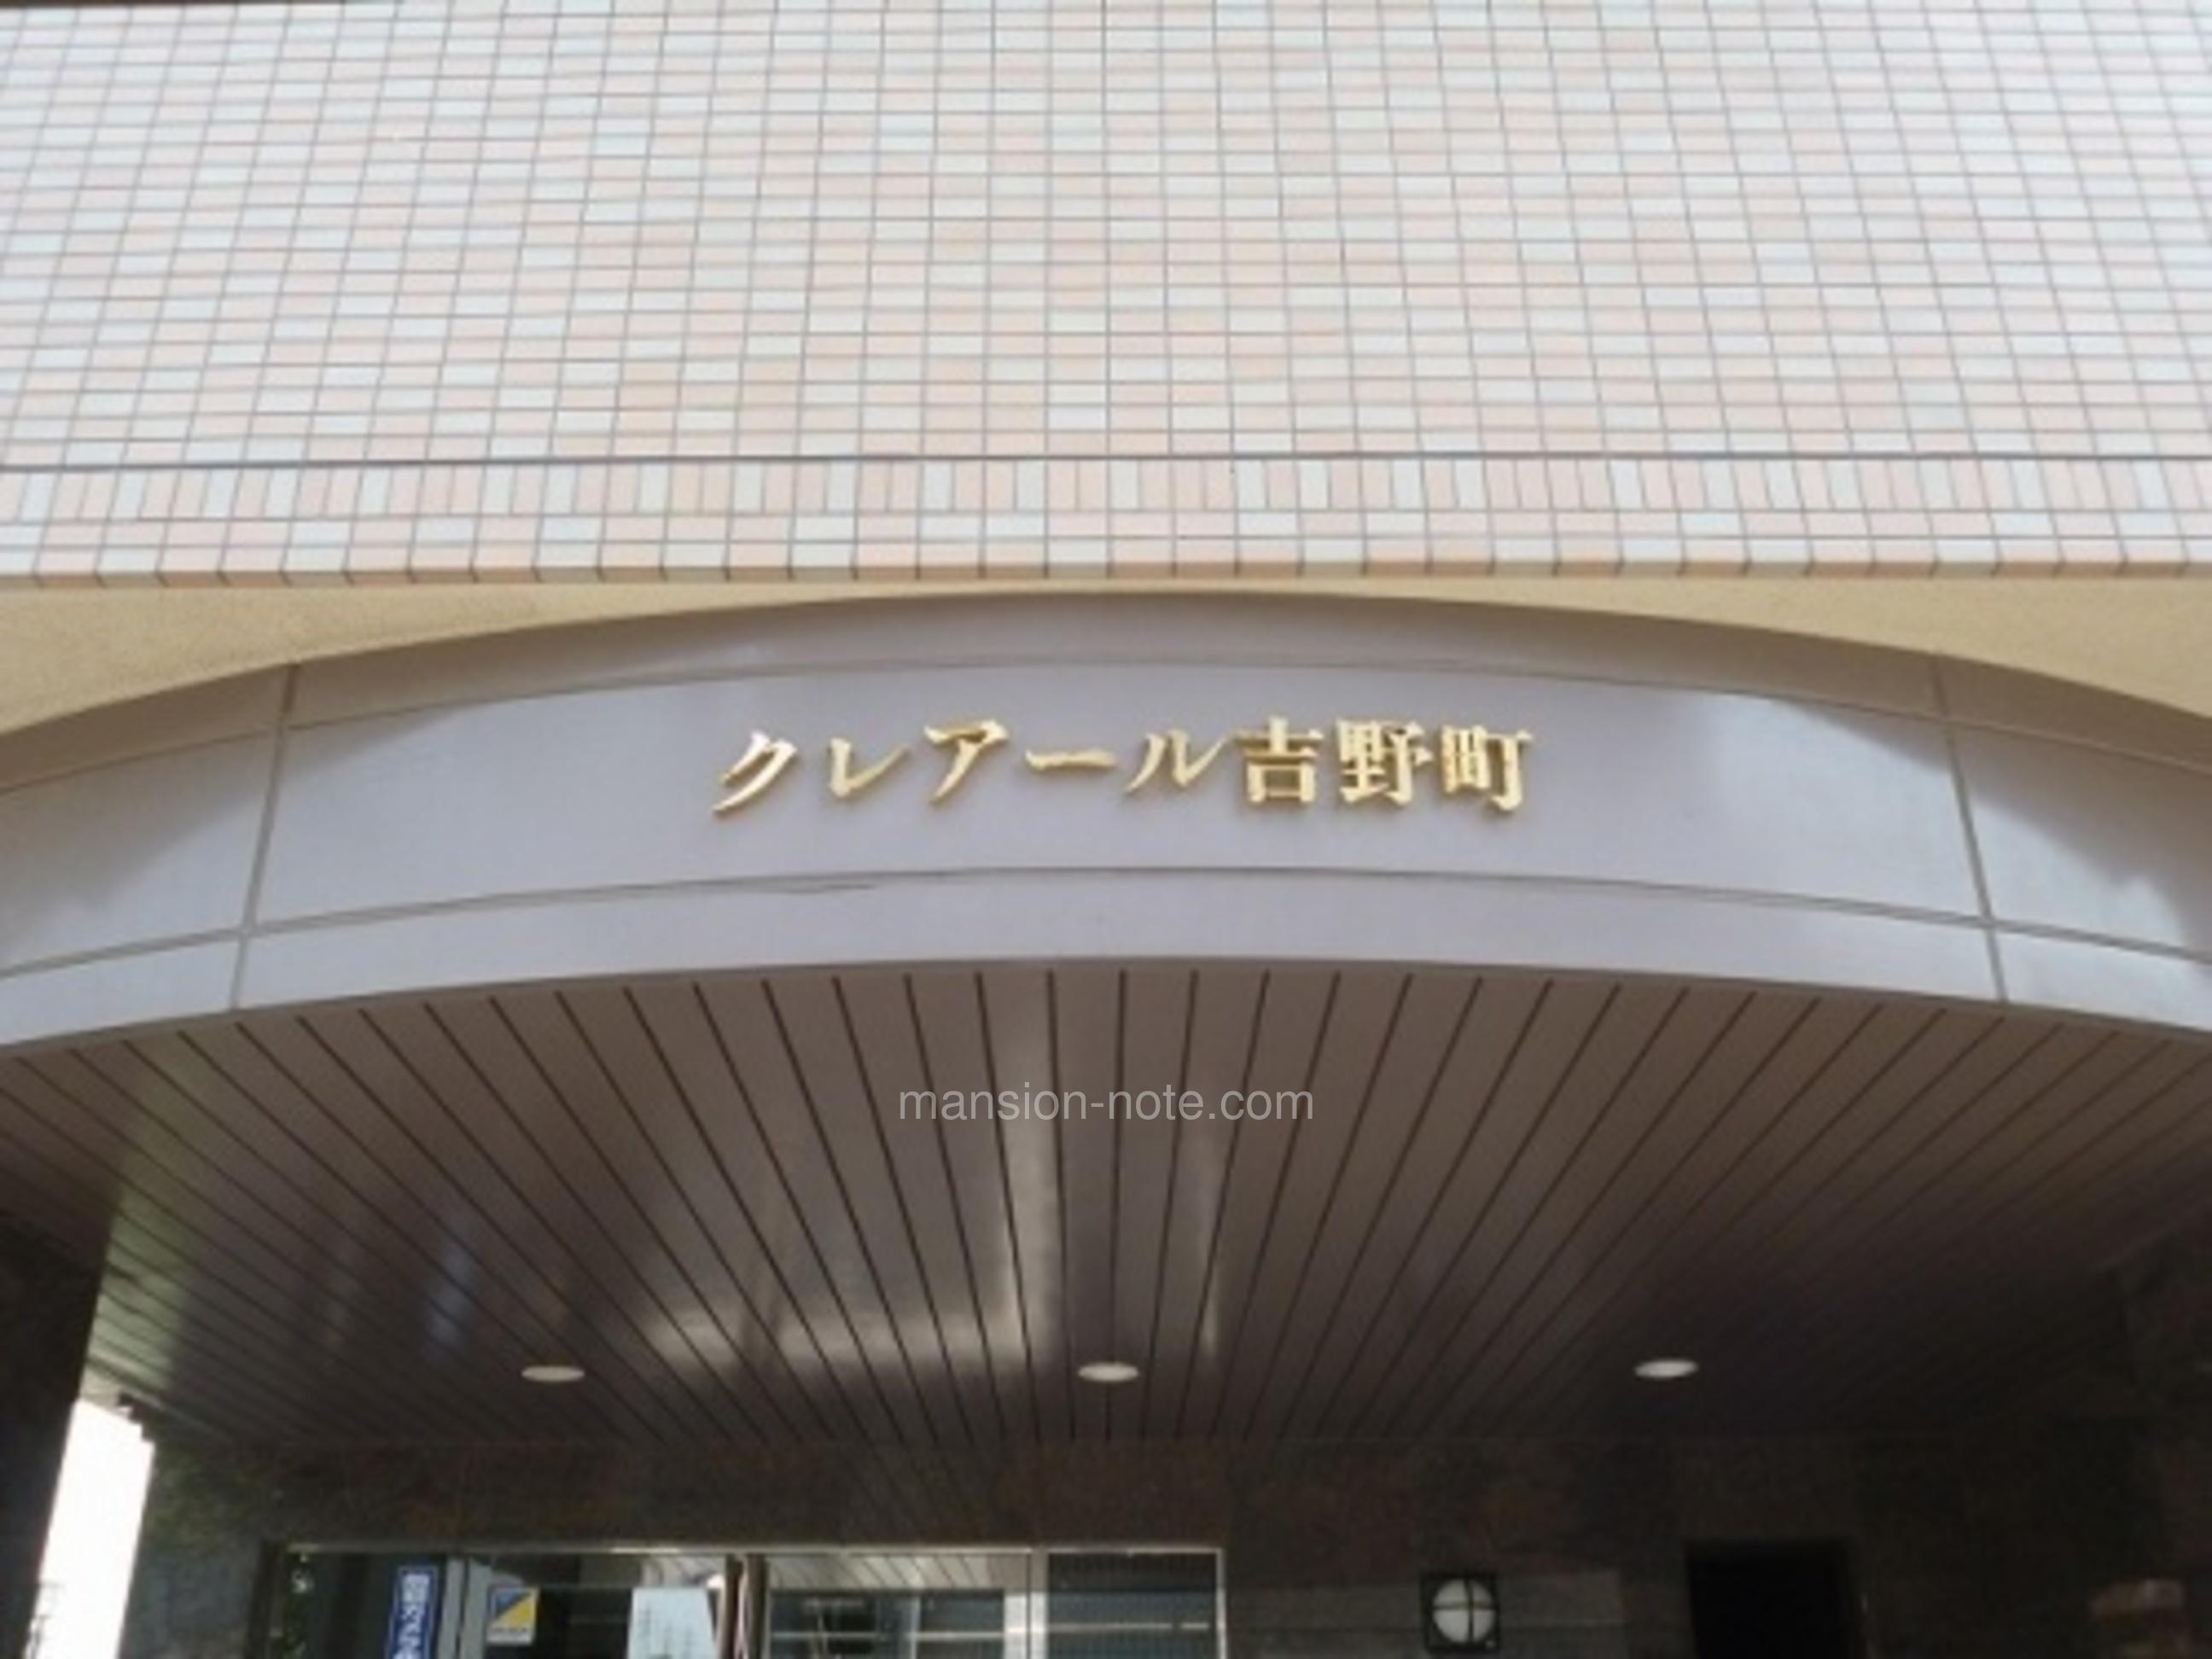 クレアール吉野町【マンションノート】